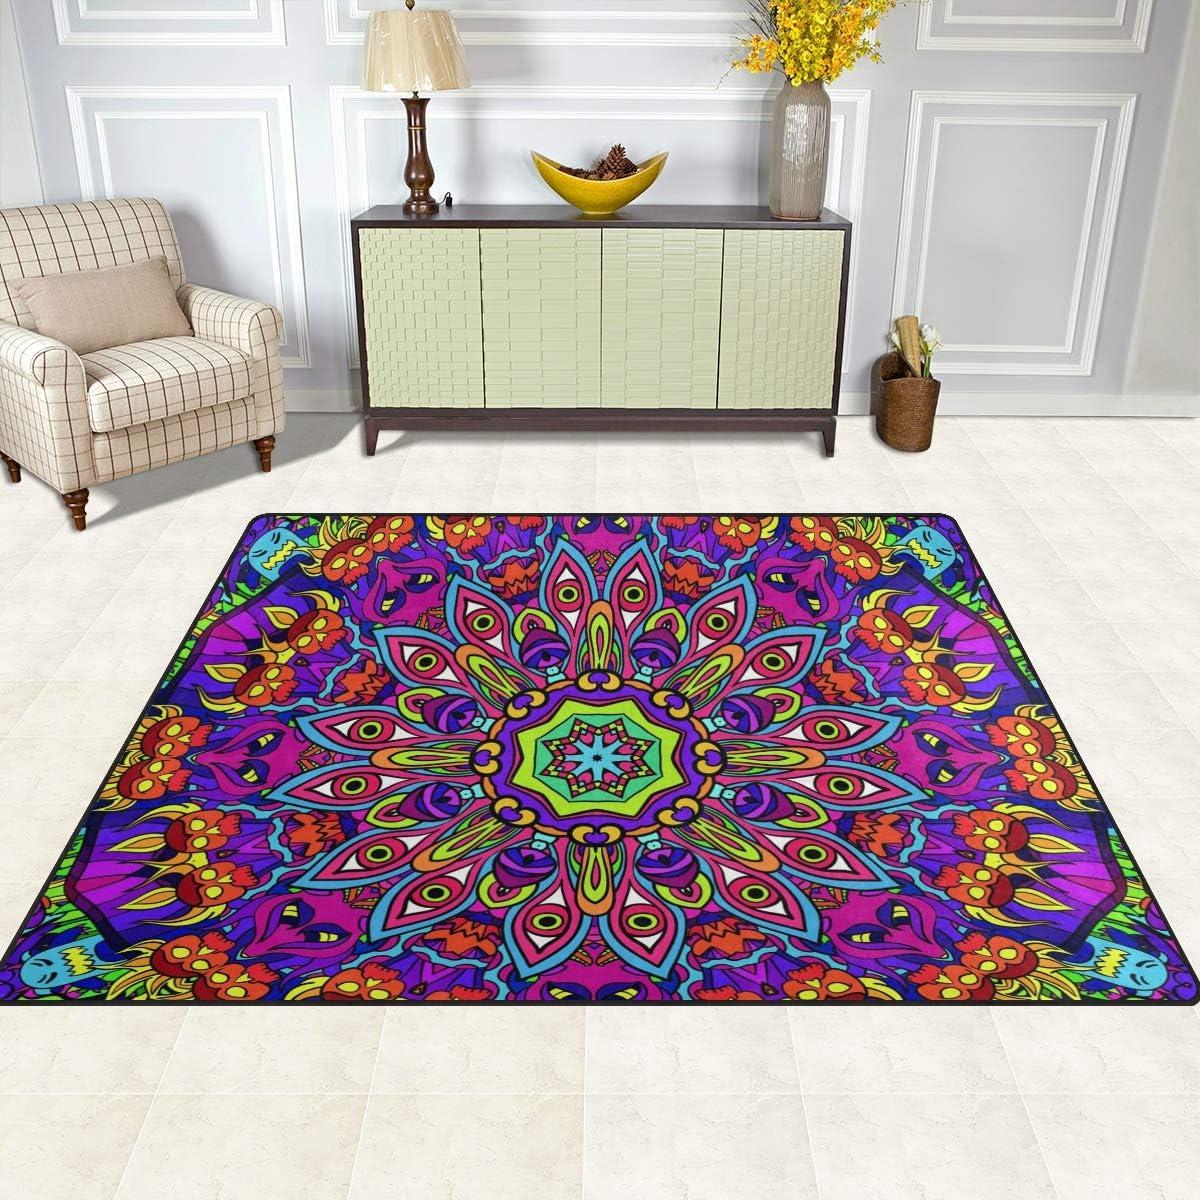 50 x 80 cm Alfombra Antideslizante para sal/ón Dormitorio dise/ño de Mandala Floral Comedor Naanle 1.7 x 2.6 Cocina 120 x 160 cm